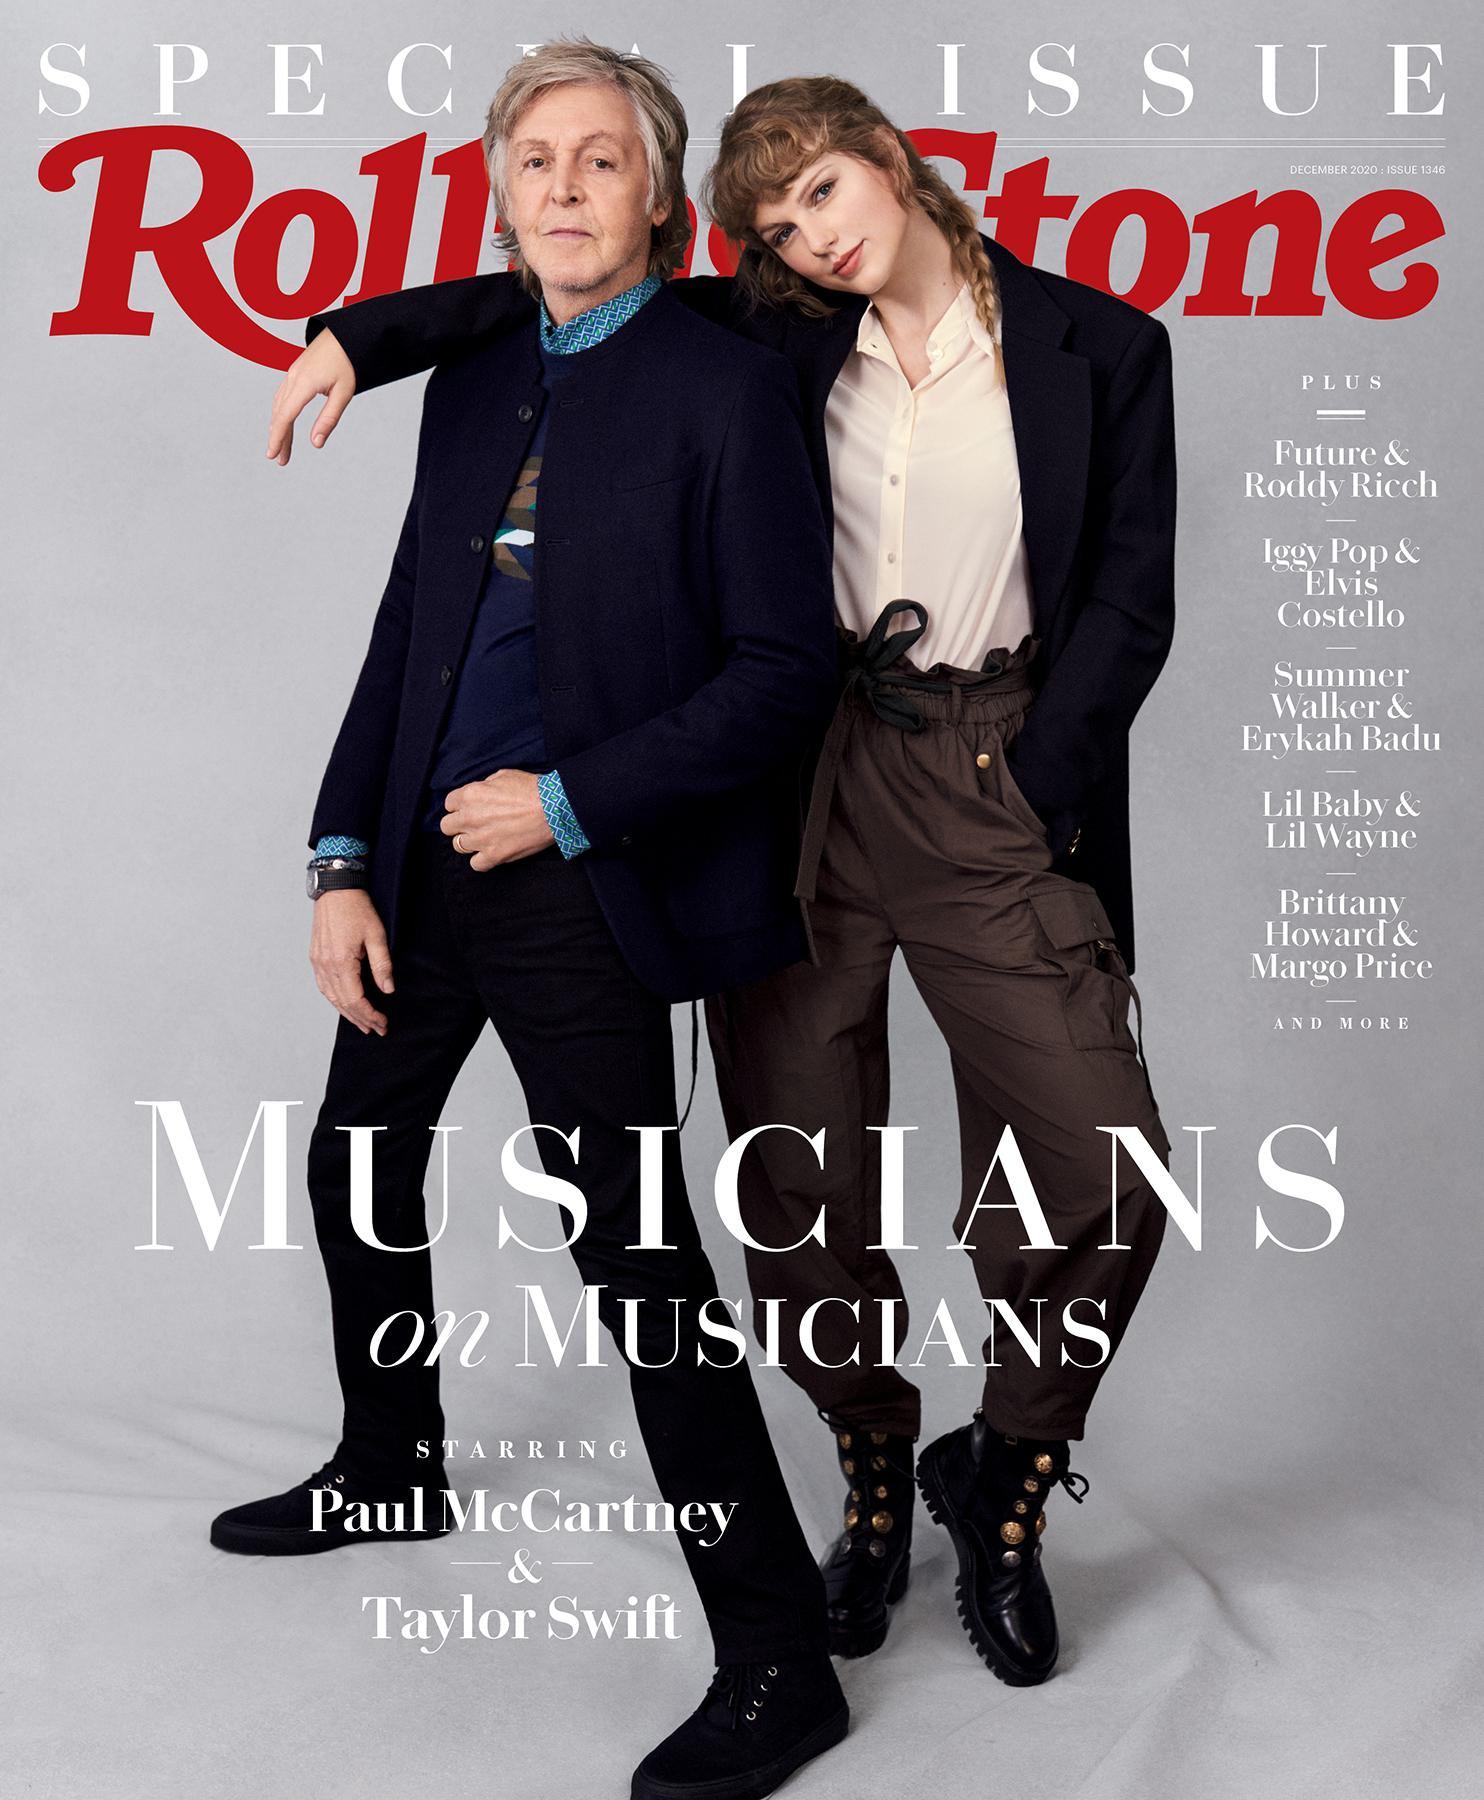 The Beatles Polska: Paul McCartney i Taylor Swift w nowej serii rozmów między artystami na łamach Rolling Stone